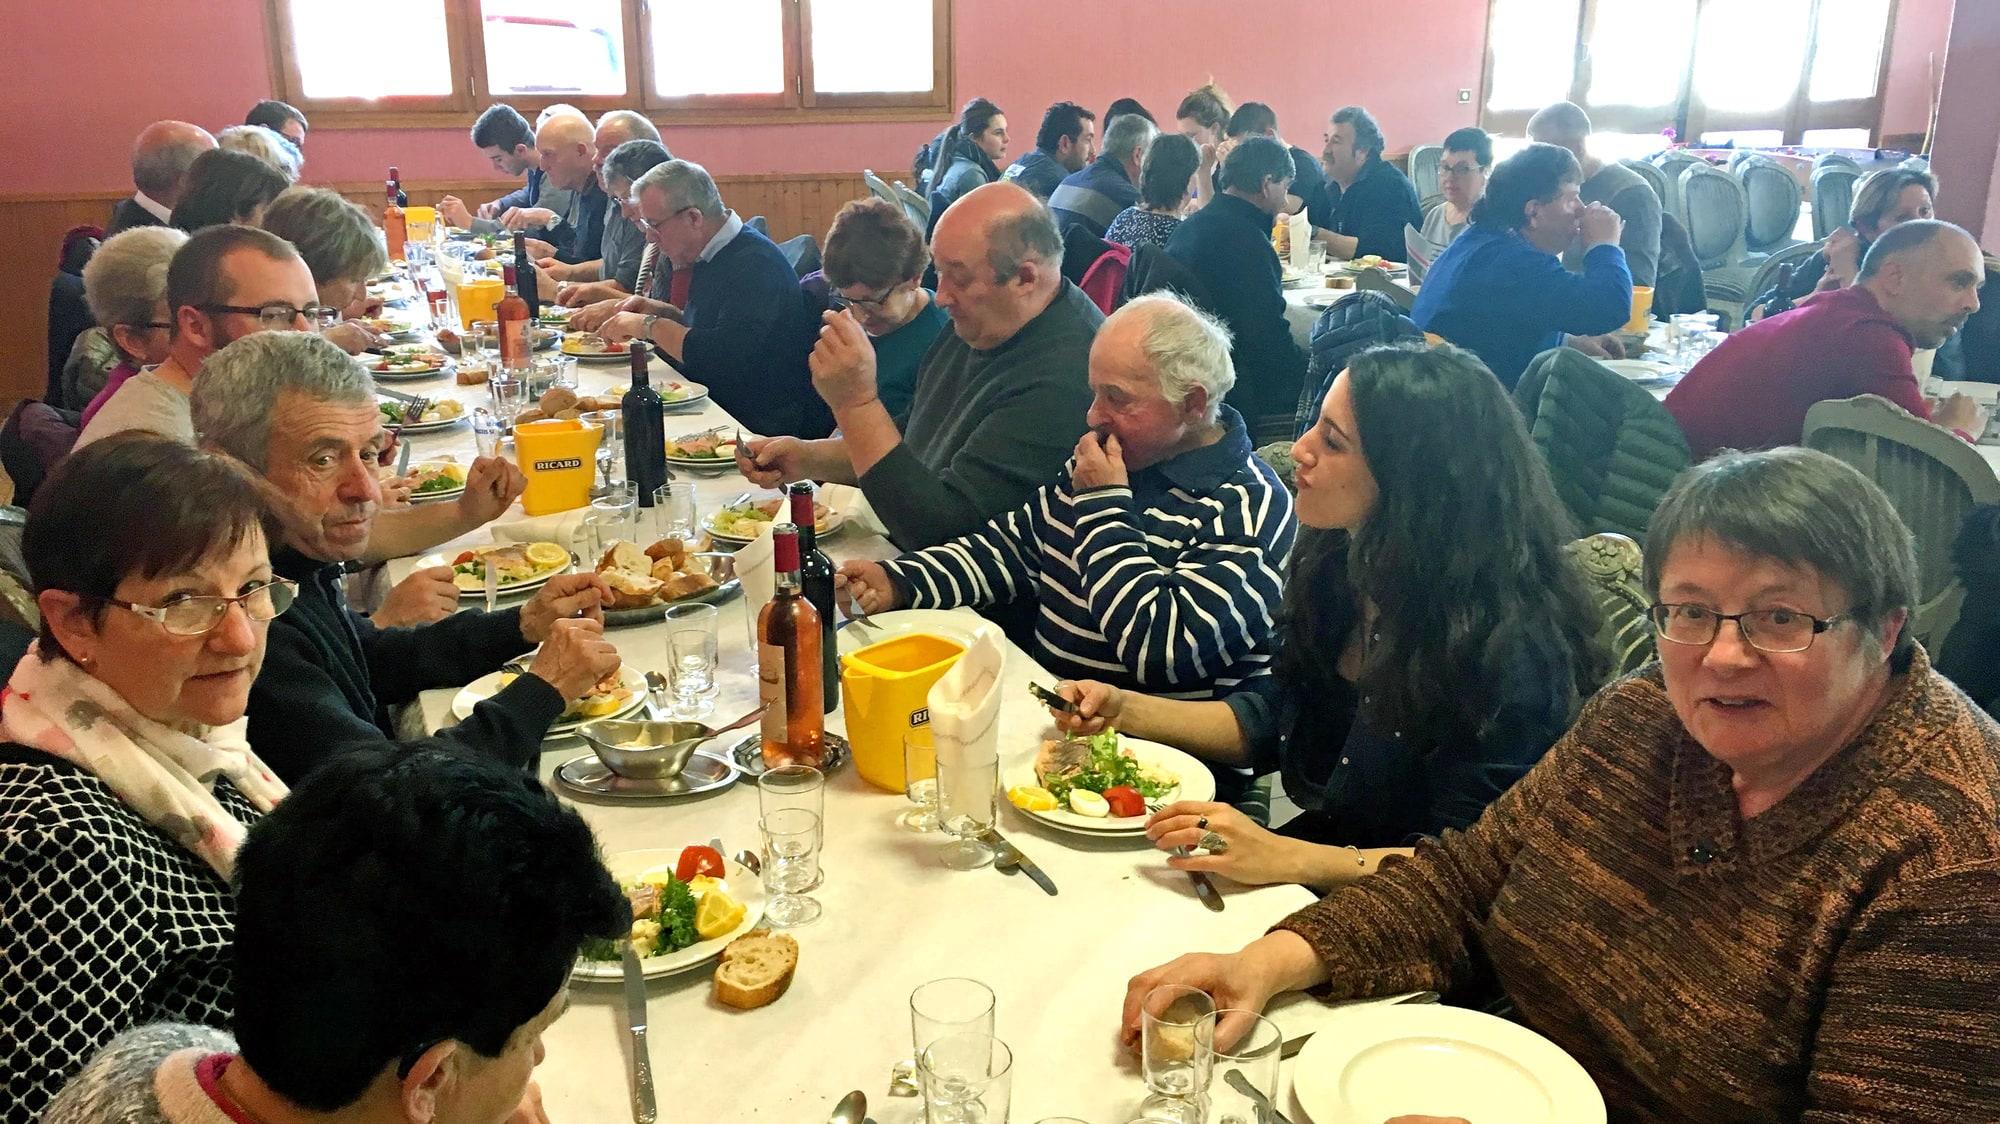 Ce repas de la chasse s'est tenu au Restaurant del Faou le dimanche 17 février. Ce sont plus de 80 convives qui ont répondu présents à l'invitation de L'ACCA du Fau de Peyre et de son Président Maxence Bréchet.